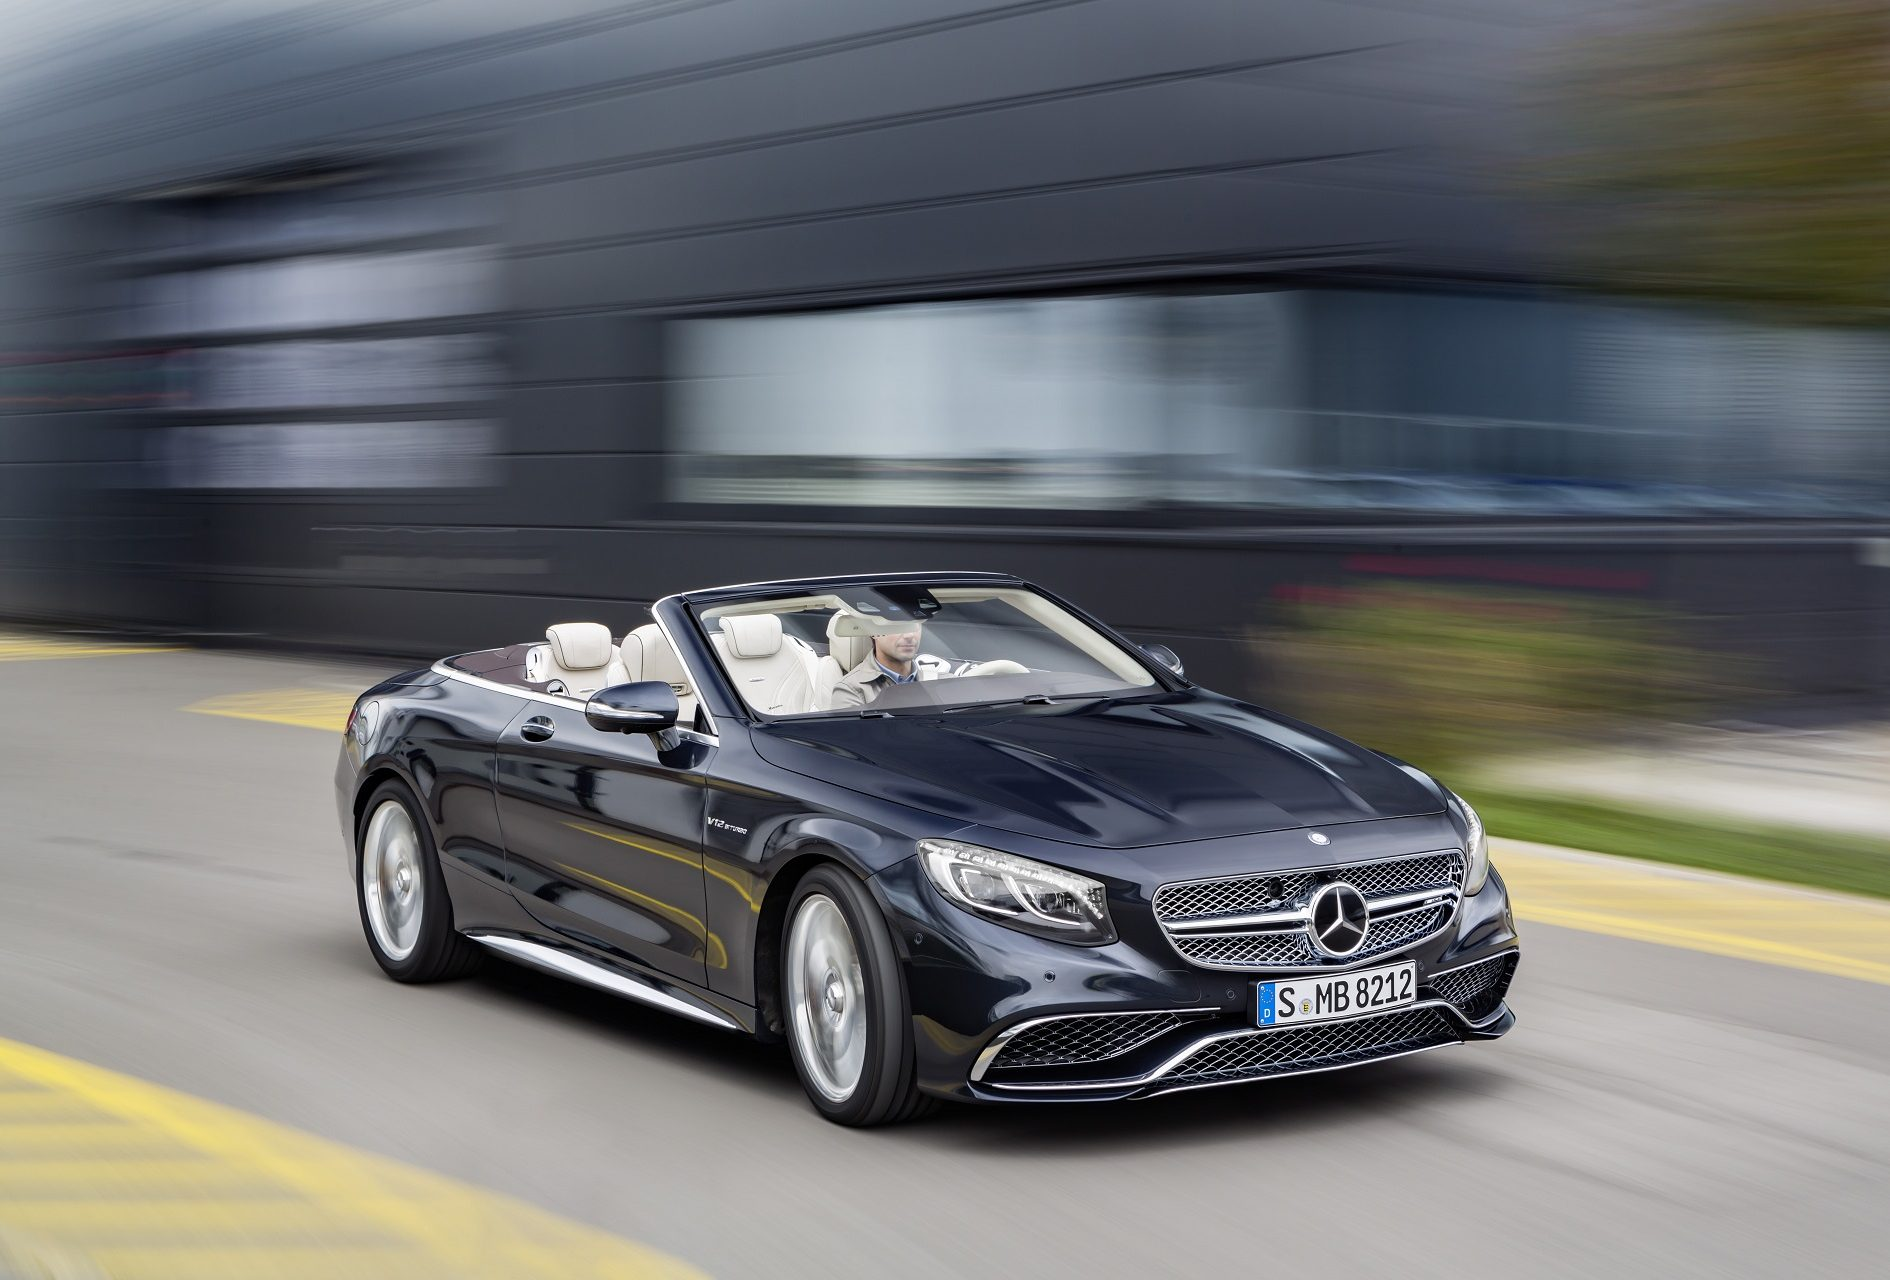 Mercedes-AMG S 65 Cabrio; Exterieur: anthrazitblau; Interieur: Leder porzellan Kraftstoffverbrauch kombiniert (l/100 km):  12,0, CO2-Emissionen kombiniert (g/km): 272; exterior: anthracite blue; interior: leather porcelaine; Fuel consumption, combined (l/100 km):   12.0, CO2 emissions, combined (g/km):  272